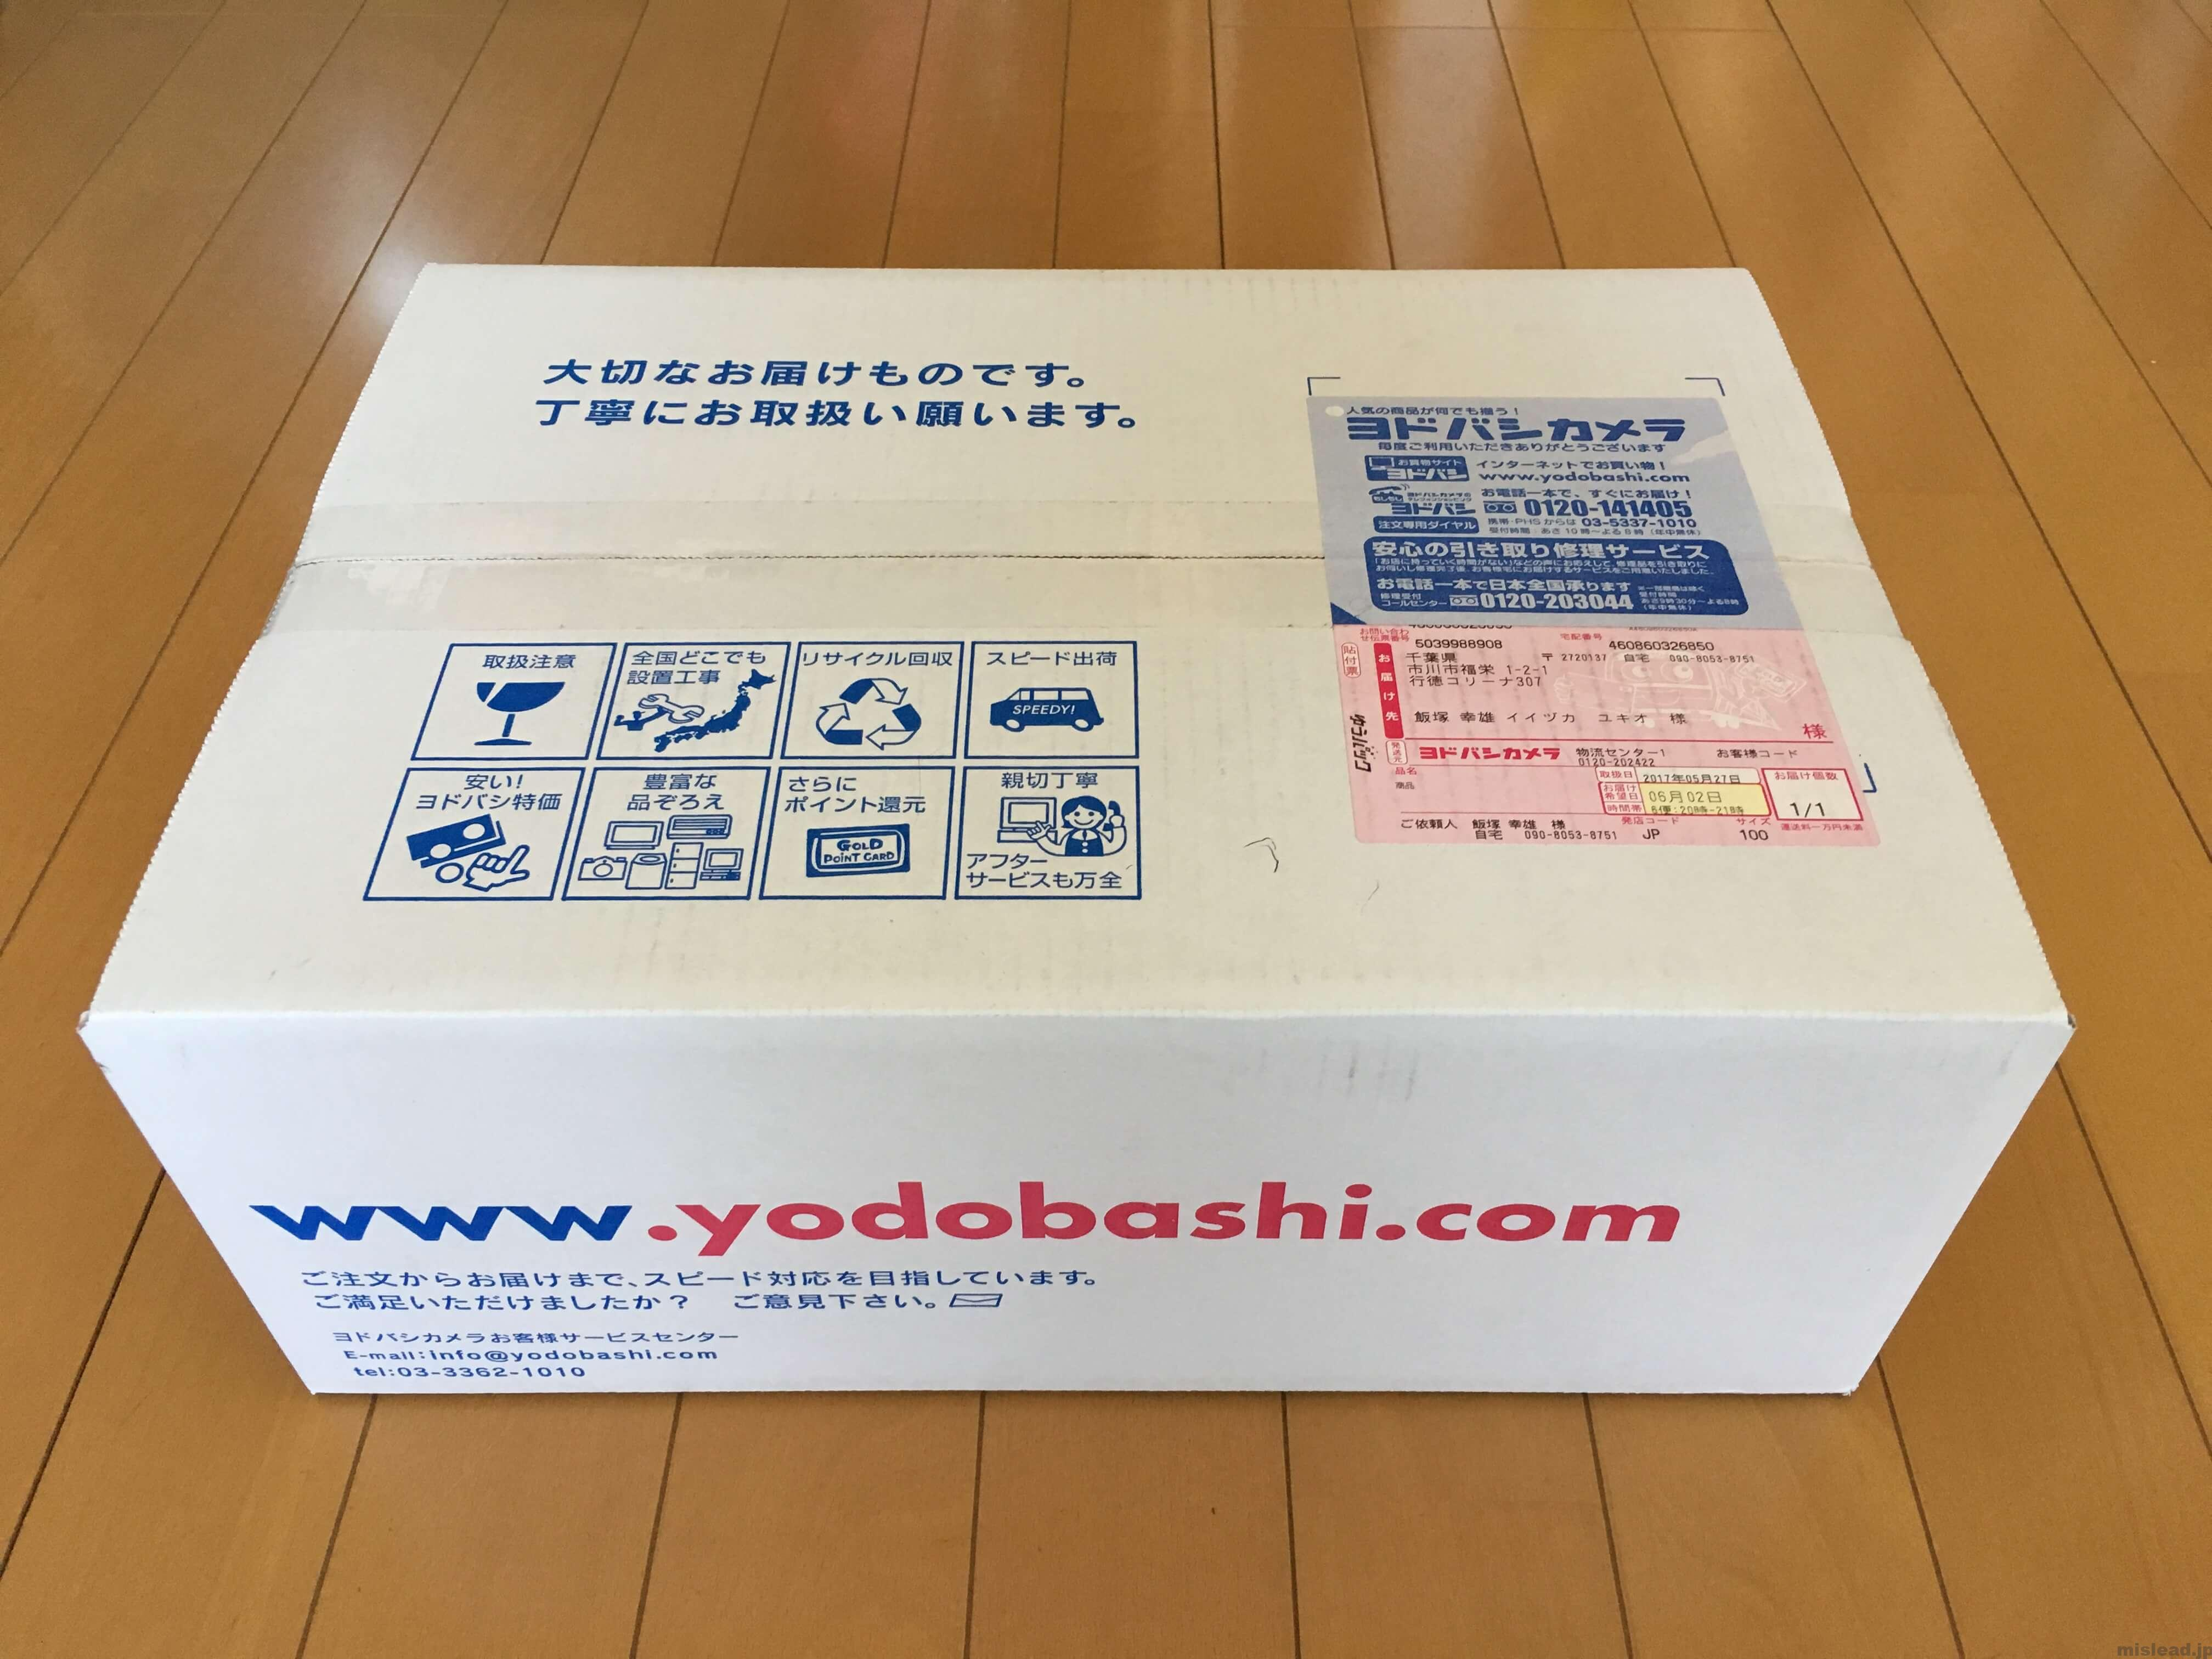 車載用プラズマクラスター ヨドバシカメラの郵送配達